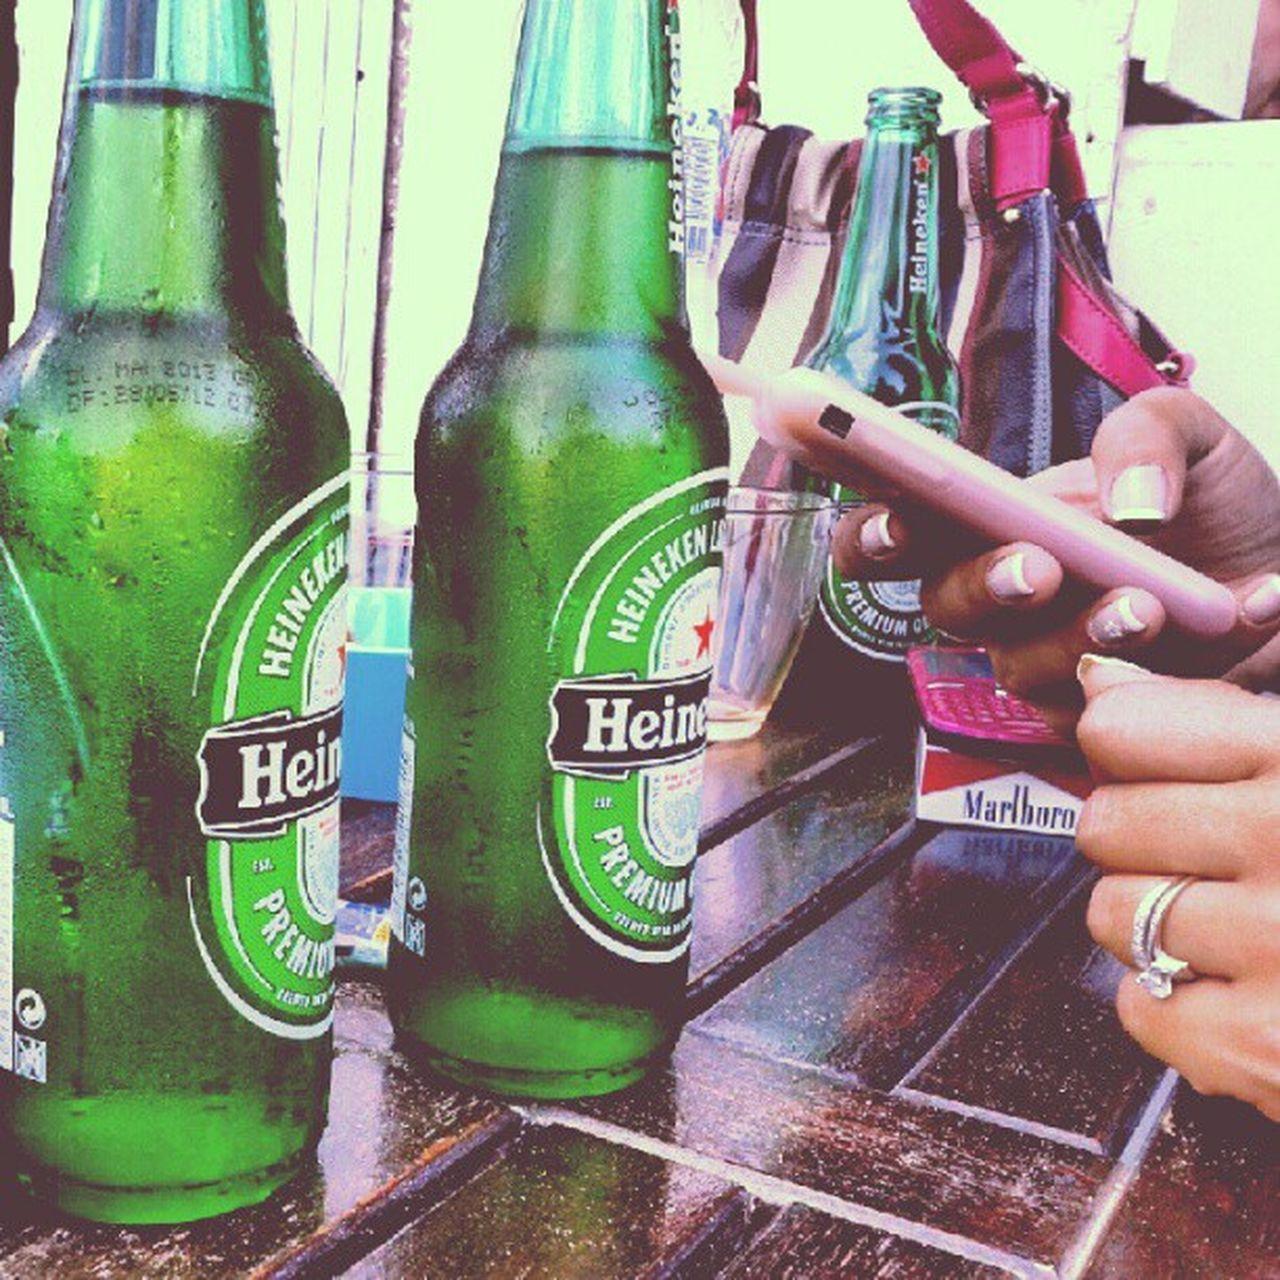 Bahja Beach Beer Blanko heinneken fun sumner